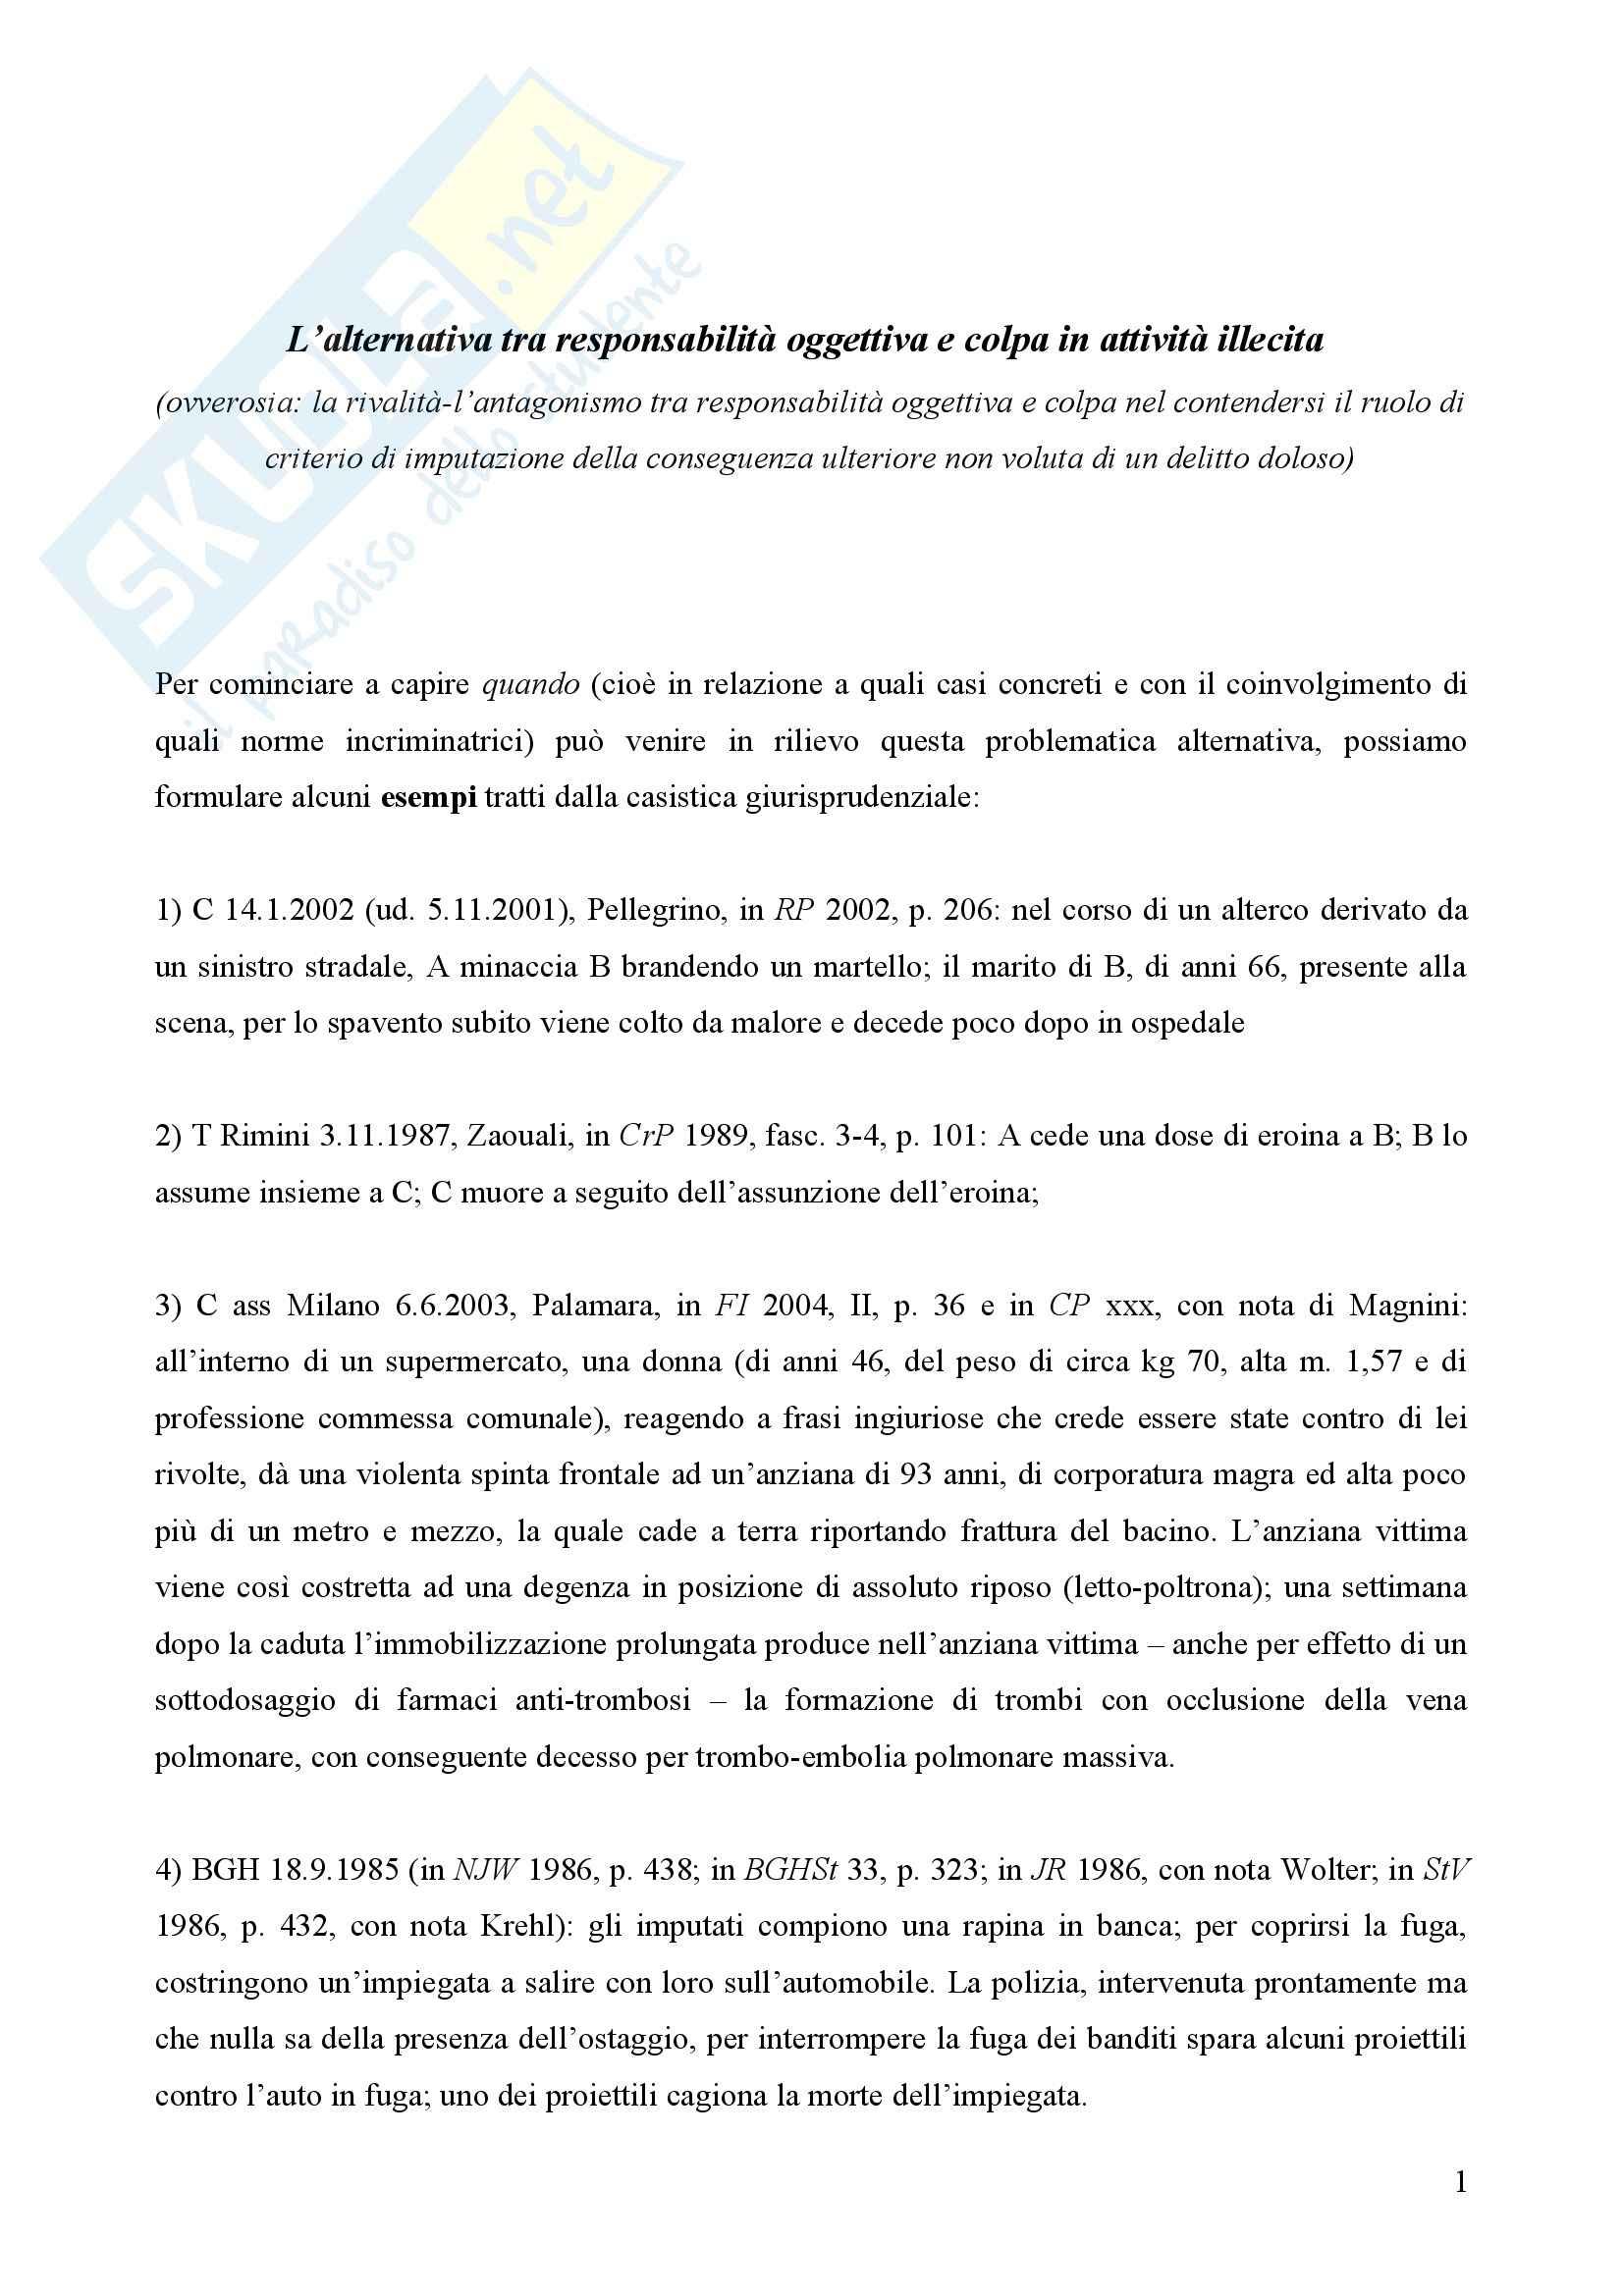 Diritto penale - Sentenza 364 della Corte Costituzionale